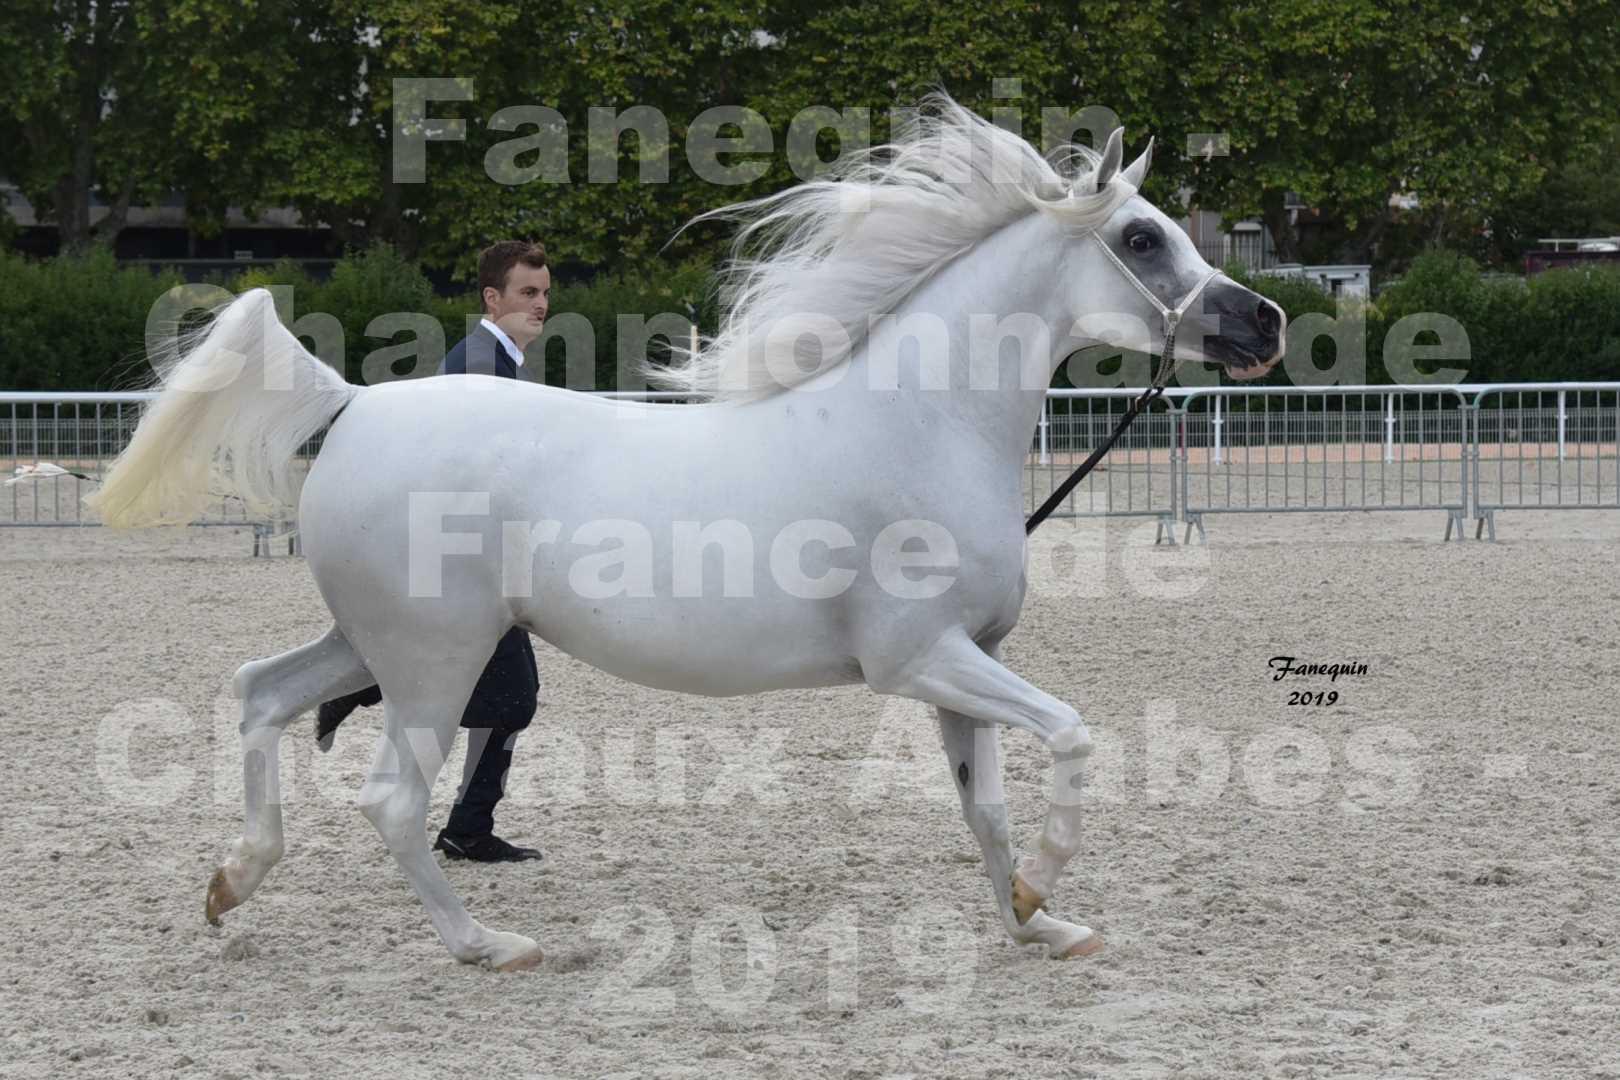 Championnat de France des chevaux Arabes en 2019 à VICHY - PIWNICIA NUNKI - 2